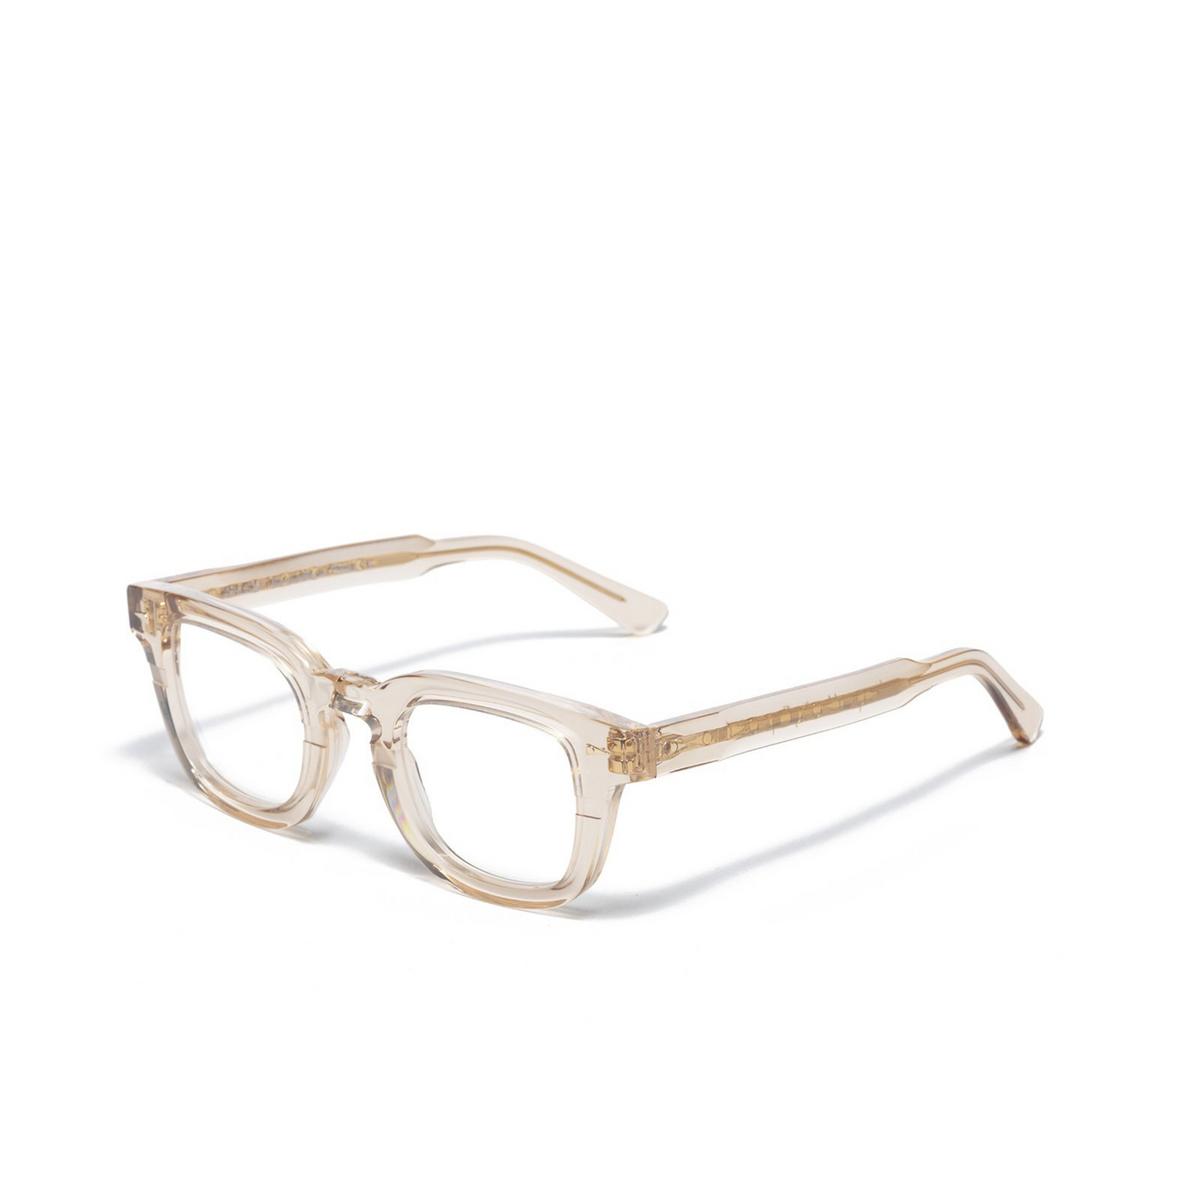 Ahlem® Square Eyeglasses: Champ De Mars Optic color Dry Pampas.